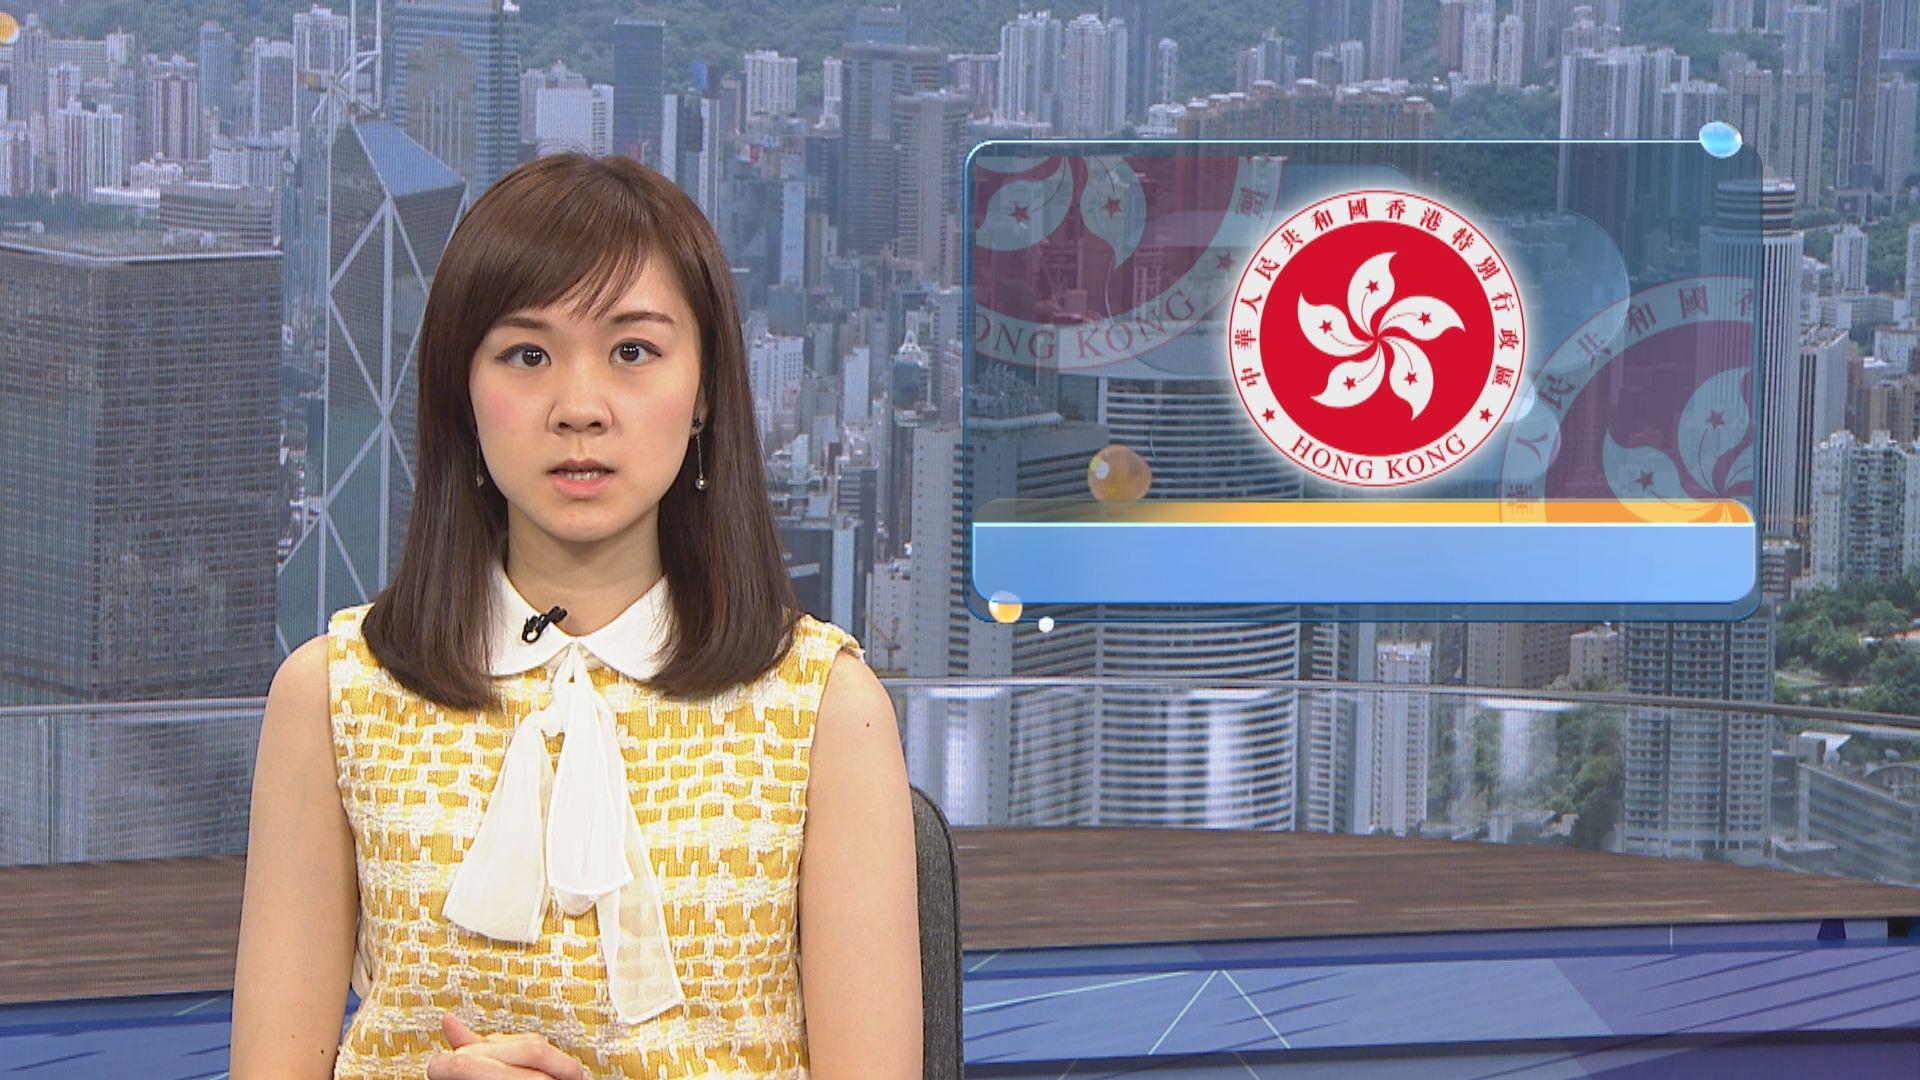 政府嚴厲譴責香港機場發生的暴力行為